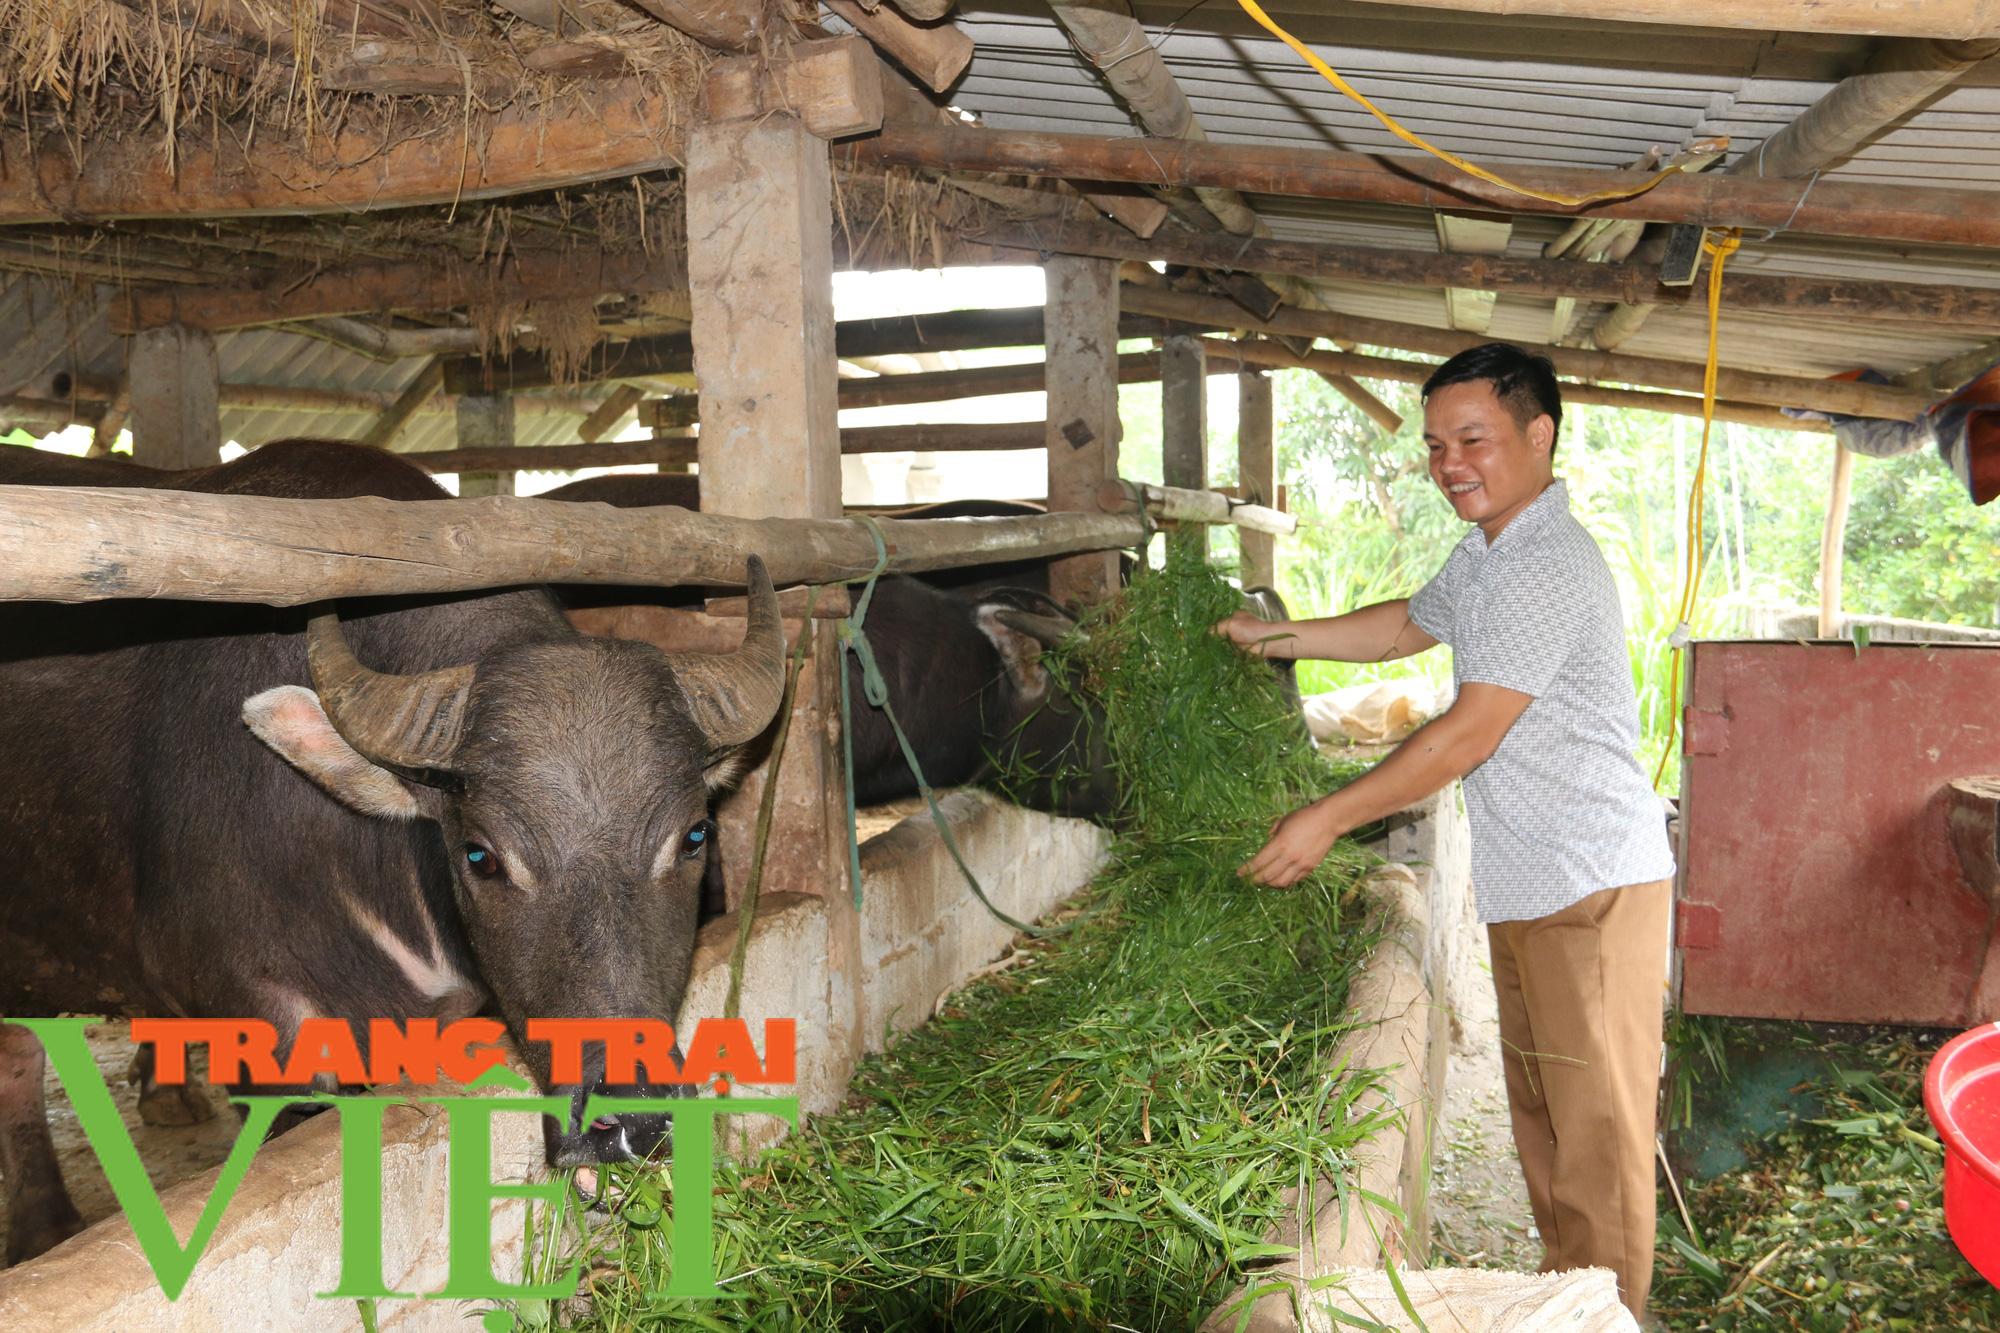 Hiệu quả mô hình nuôi trâu vỗ béo của Hội Nông dân xã Dũng Phong - Ảnh 1.